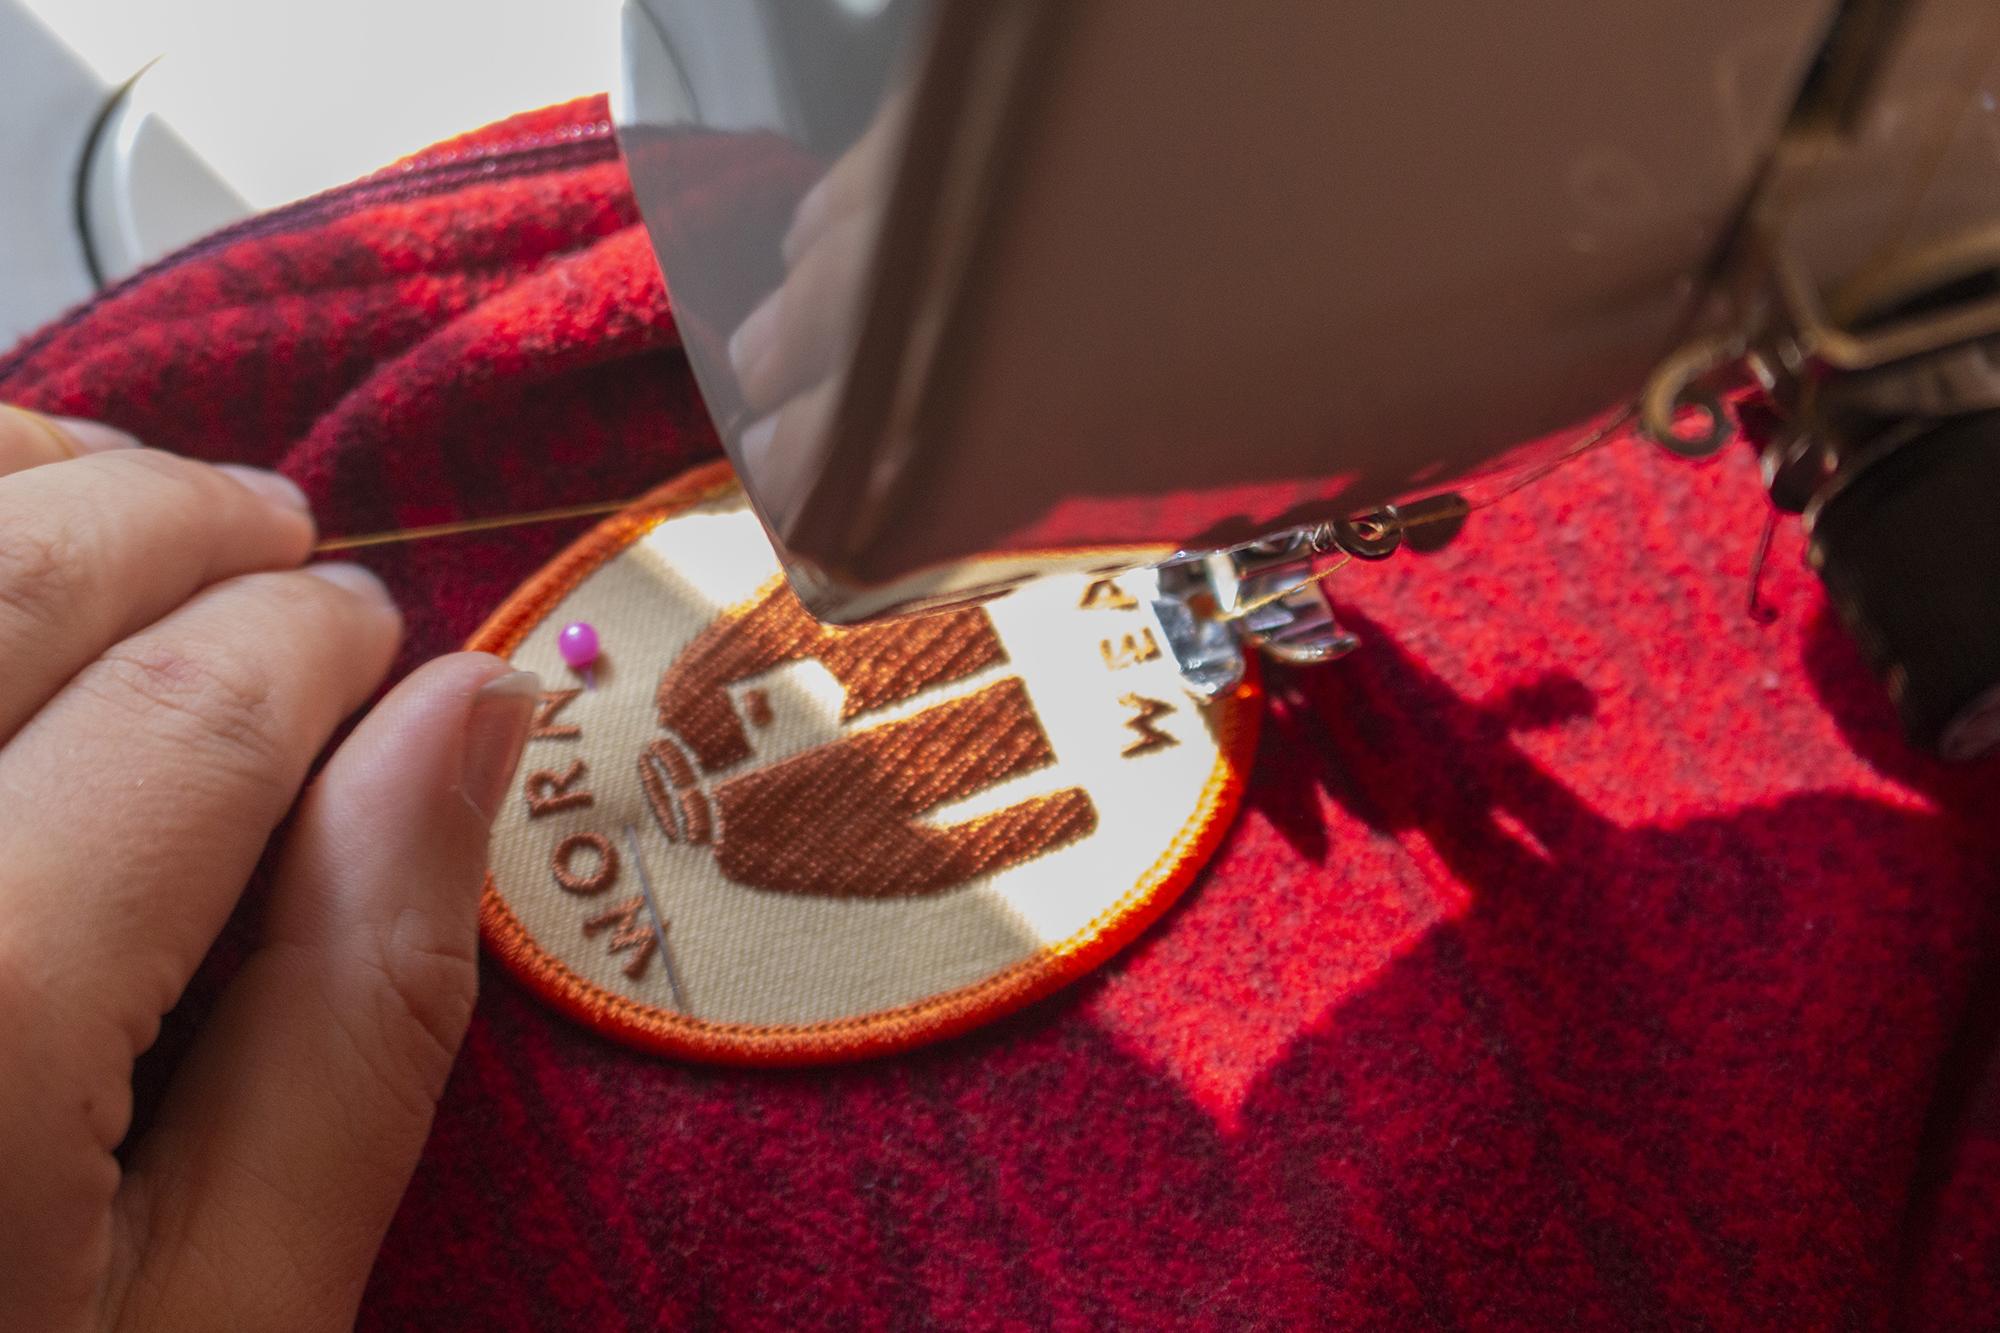 Programa Worn Wear: realizan jornada para reparar ropa de manera gratuita y alargar su vida útil